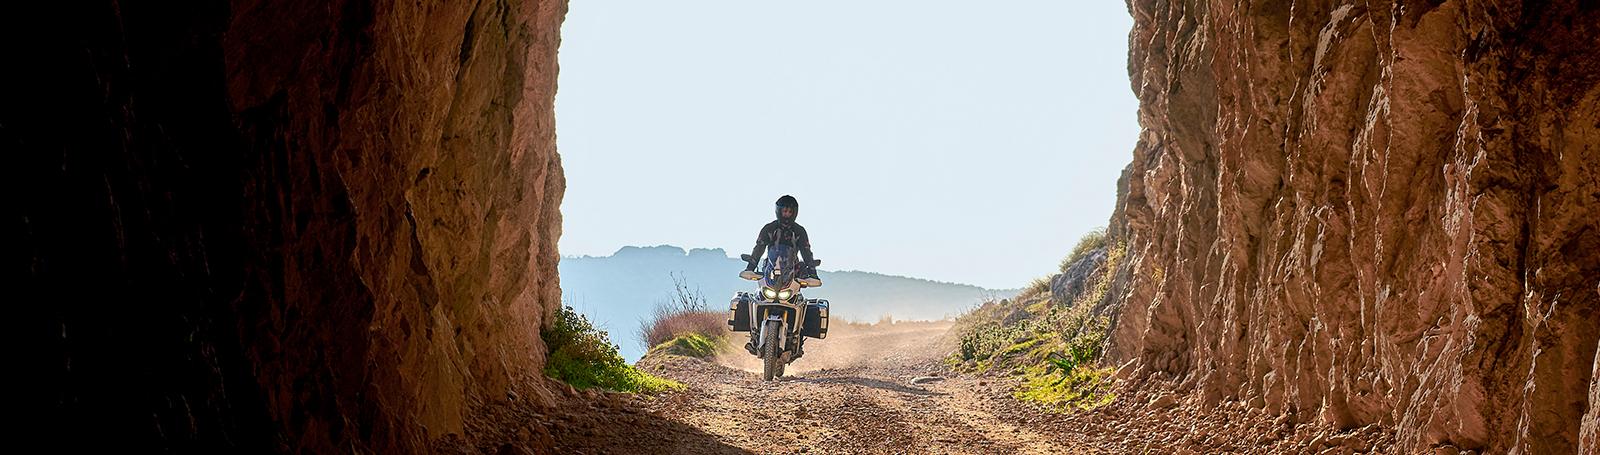 Zumo XT Garmin Gps para Motocicletas 10